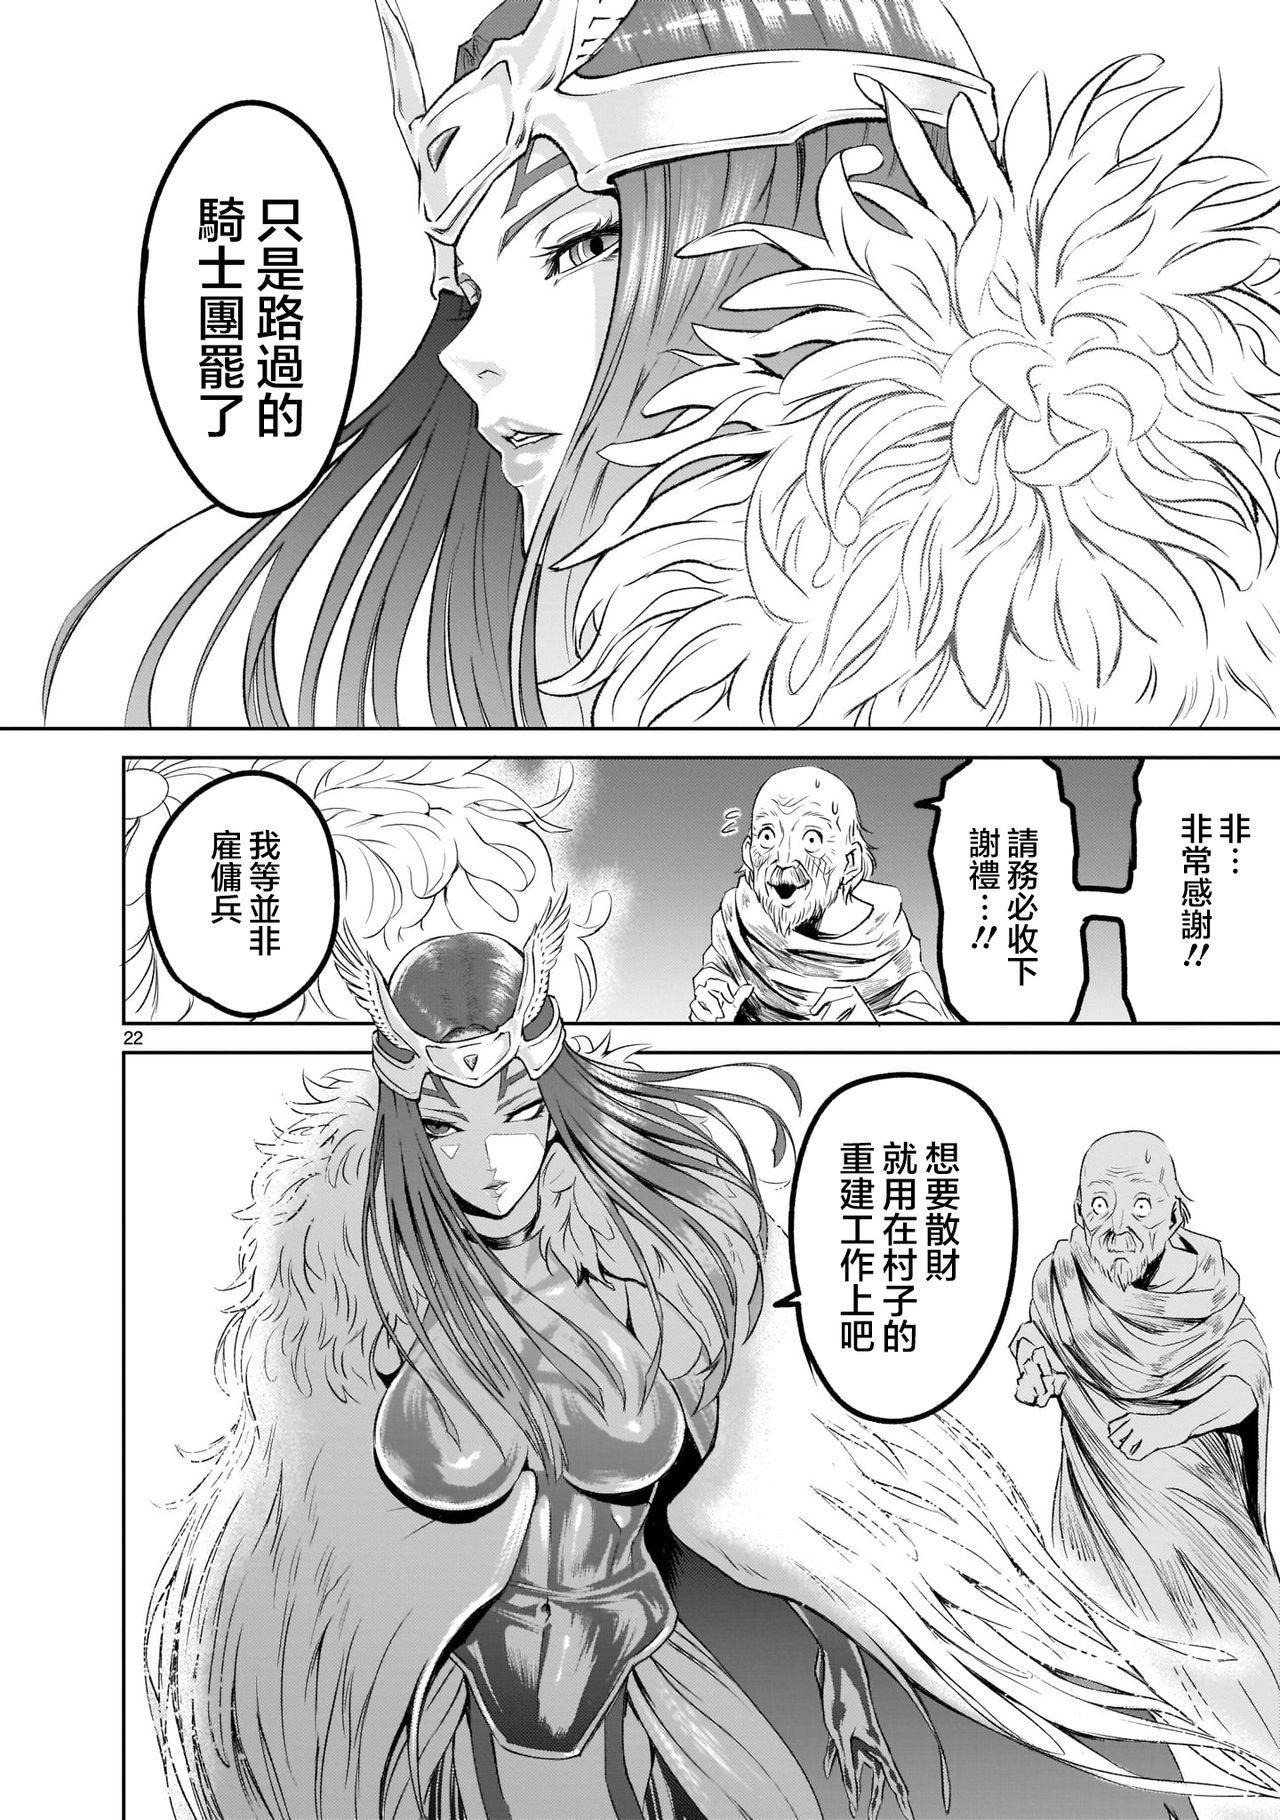 蔷薇园传奇 01-04 Chinese 77